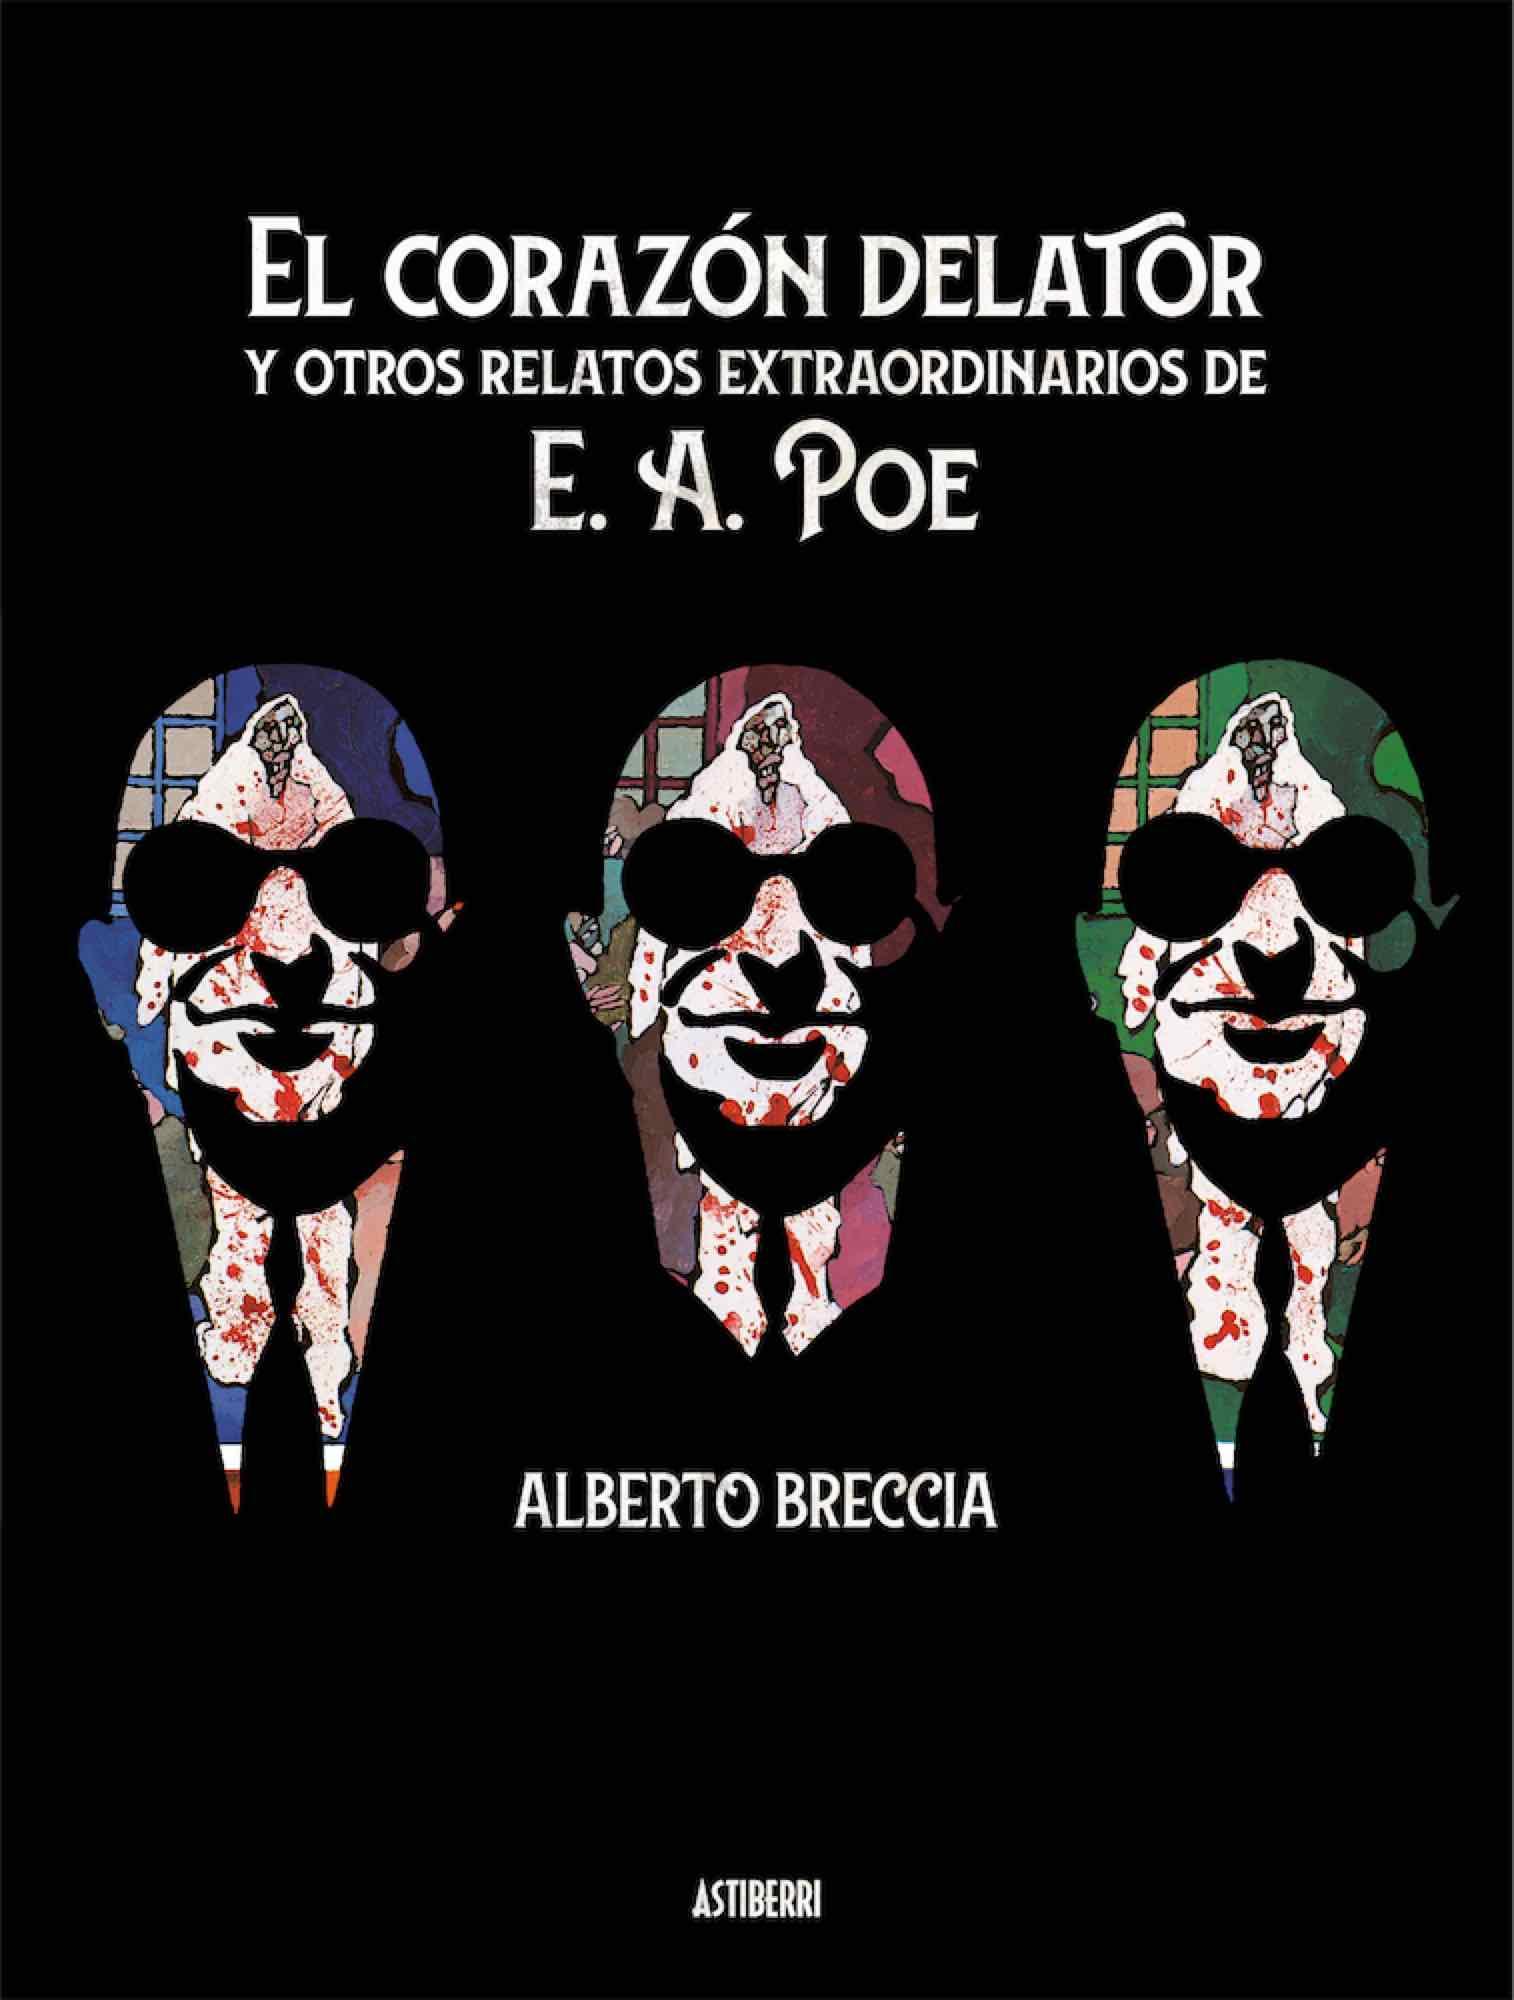 EL CORAZON DELATOR Y OTROS RELATOS EXTRAORDINARIOS DE E.A. POE